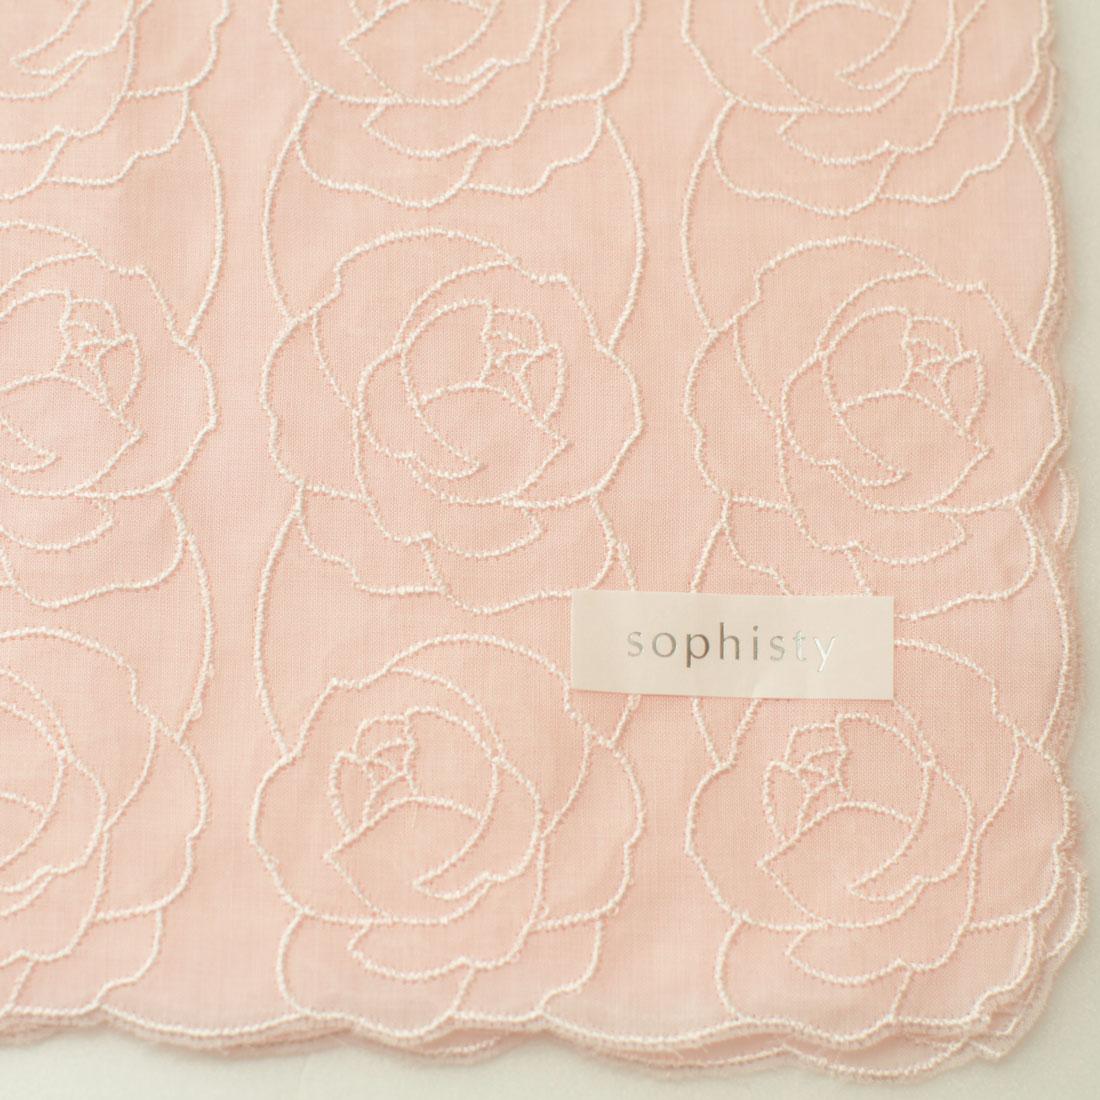 ソフィスティ 刺繍入りハンカチ 0201 ピンク